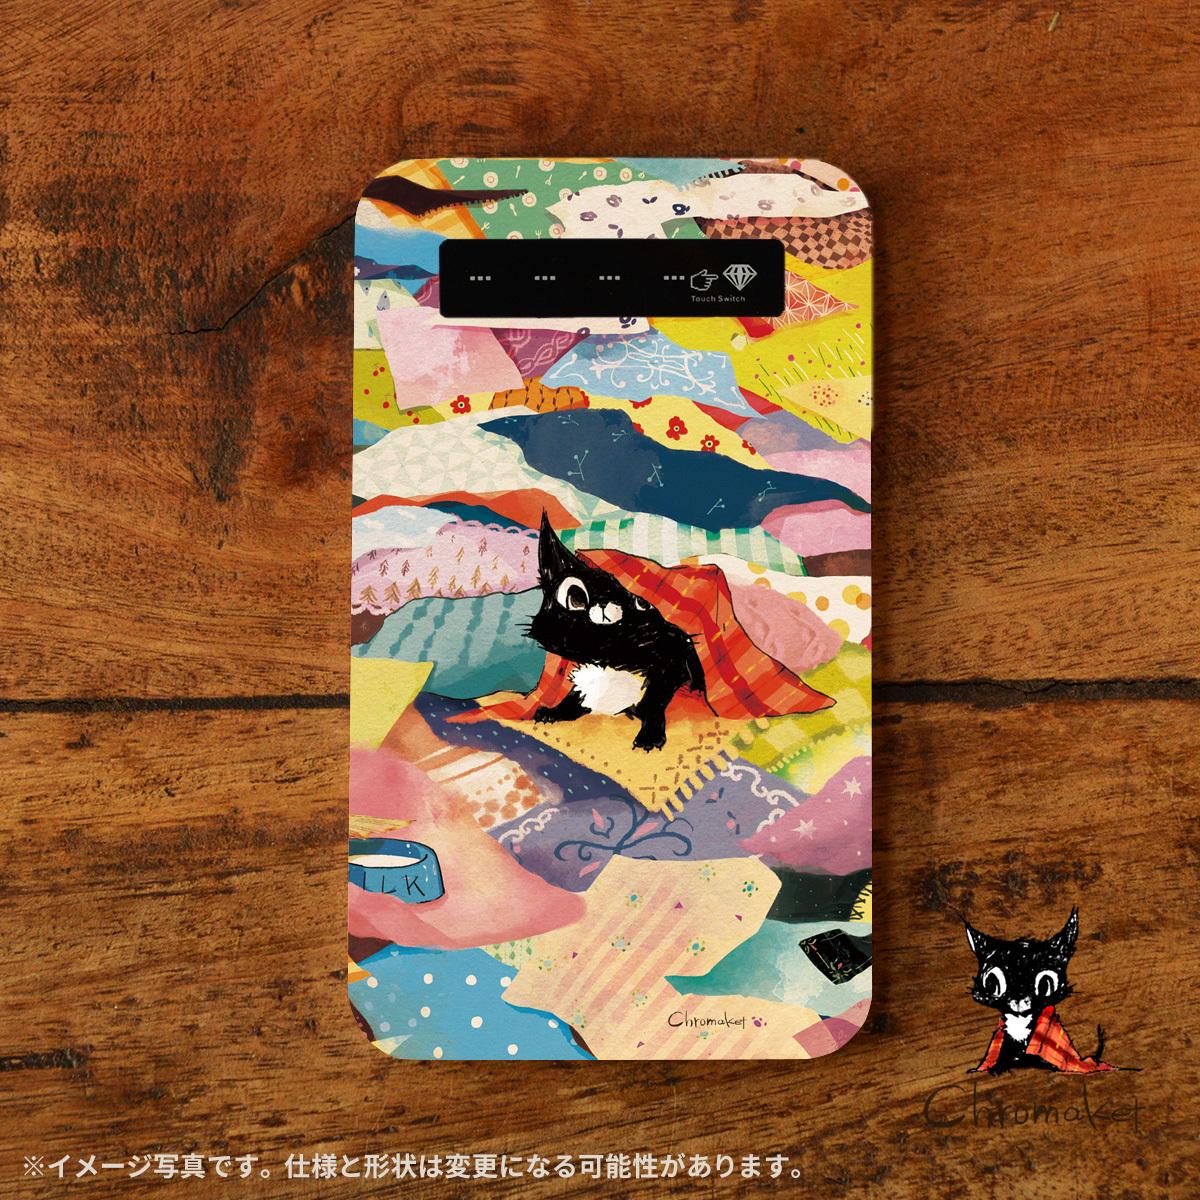 iphone モバイルバッテリー かわいい スマホ 充電器 持ち運び モバイルバッテリー 可愛い iphone 携帯充電器 アンドロイド かわいい 猫 ねこ ネコ カラフル chro/Chromaket